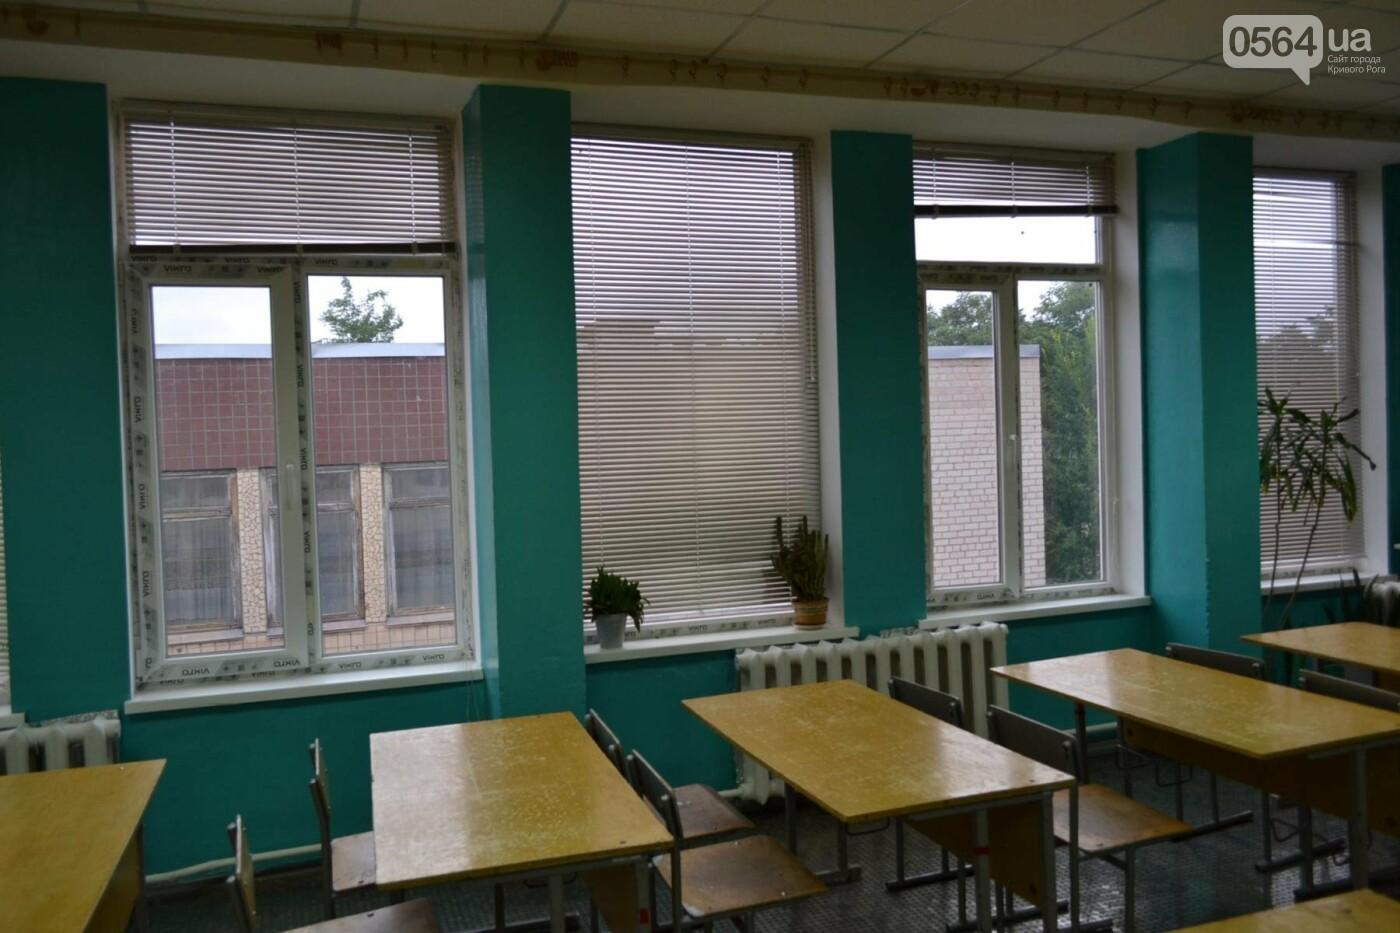 В школе Кривого Рога ремонтируют пол 5-копеечными монетами, - ФОТО, фото-7